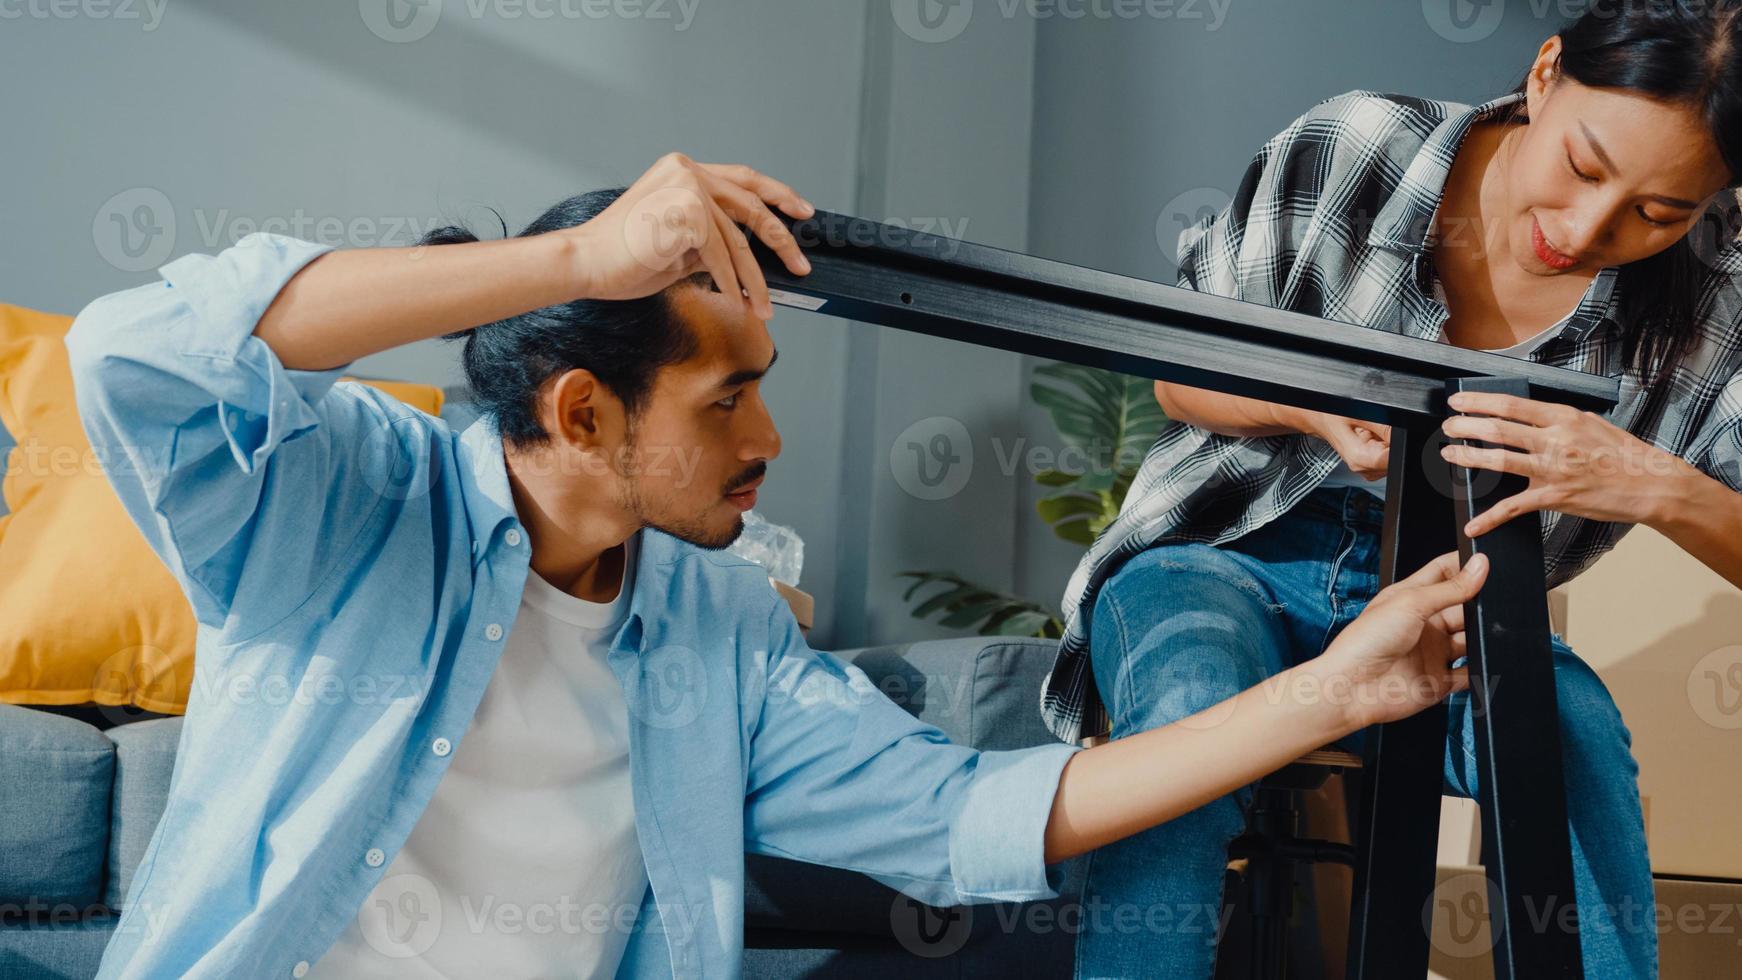 Feliz pareja joven y atractiva asiática hombre y mujer se ayudan mutuamente a desempacar la caja y armar los muebles decorar la mesa de construcción de la casa con una caja de cartón en la sala de estar. concepto de hogar de mudanza asiática joven casado. foto